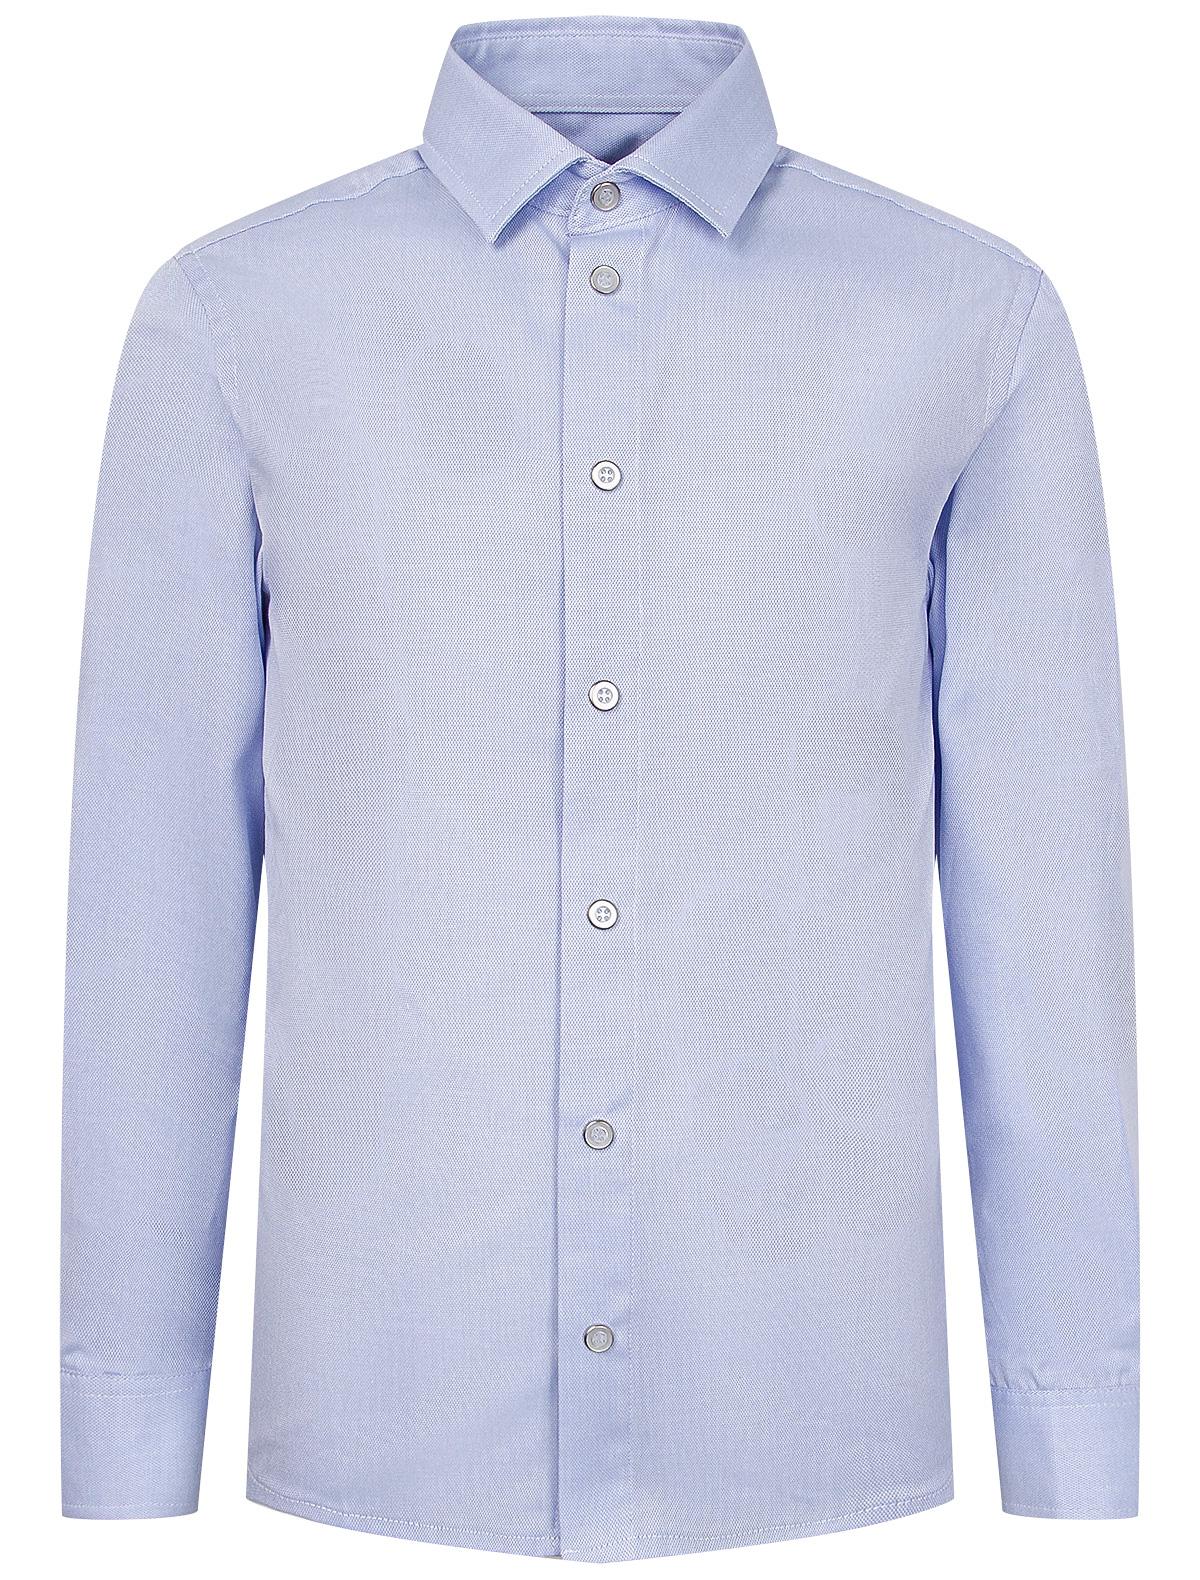 Купить 2219975, Рубашка SILVER SPOON, голубой, Мужской, 1014519080438